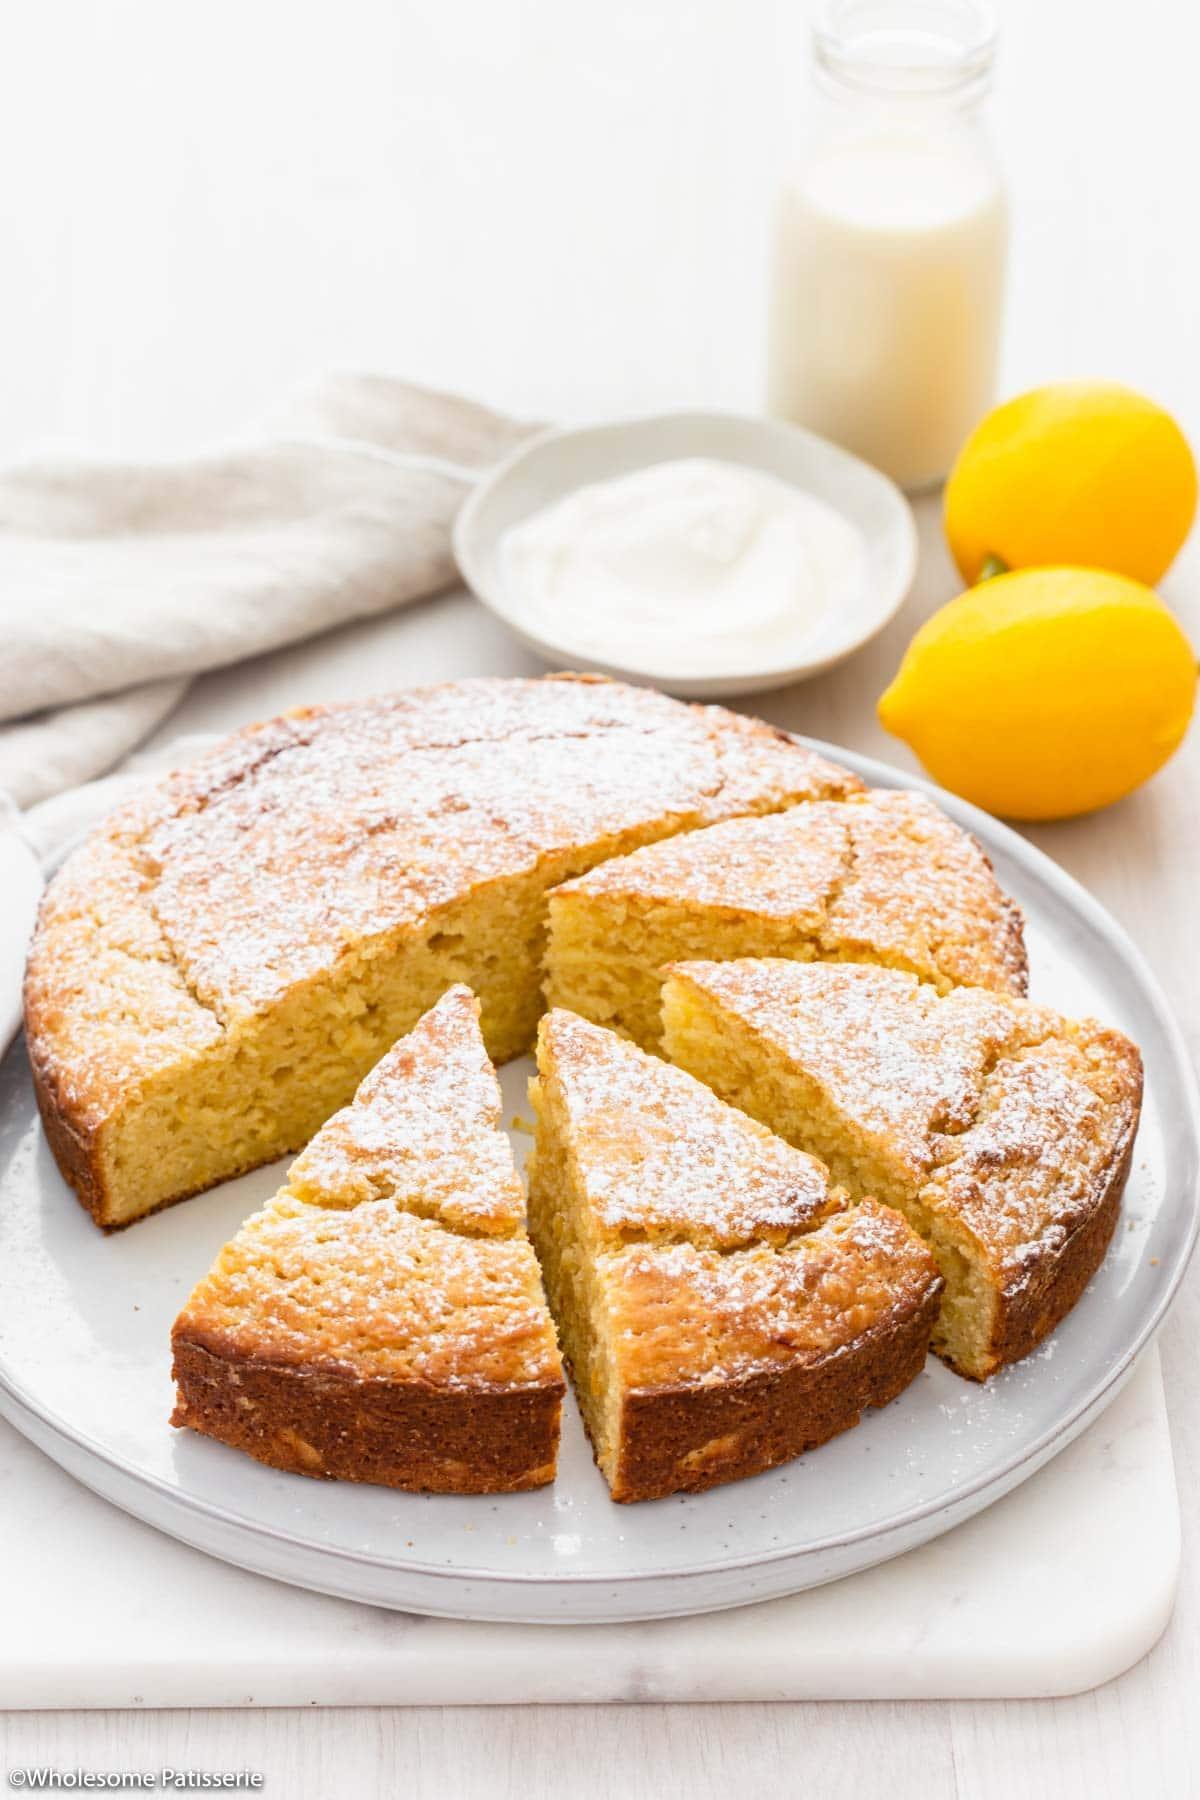 Finished shot of lemon yoghurt cake